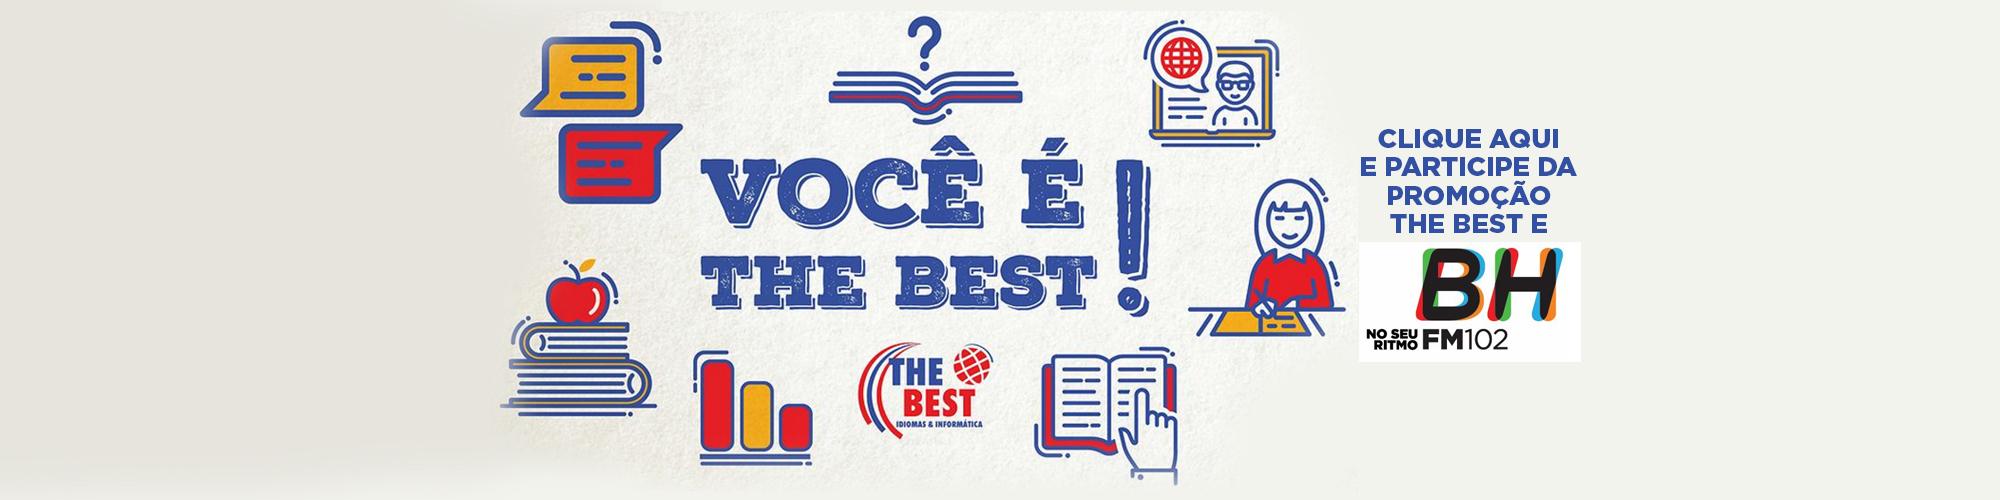 the-best-PROMOÇÃO